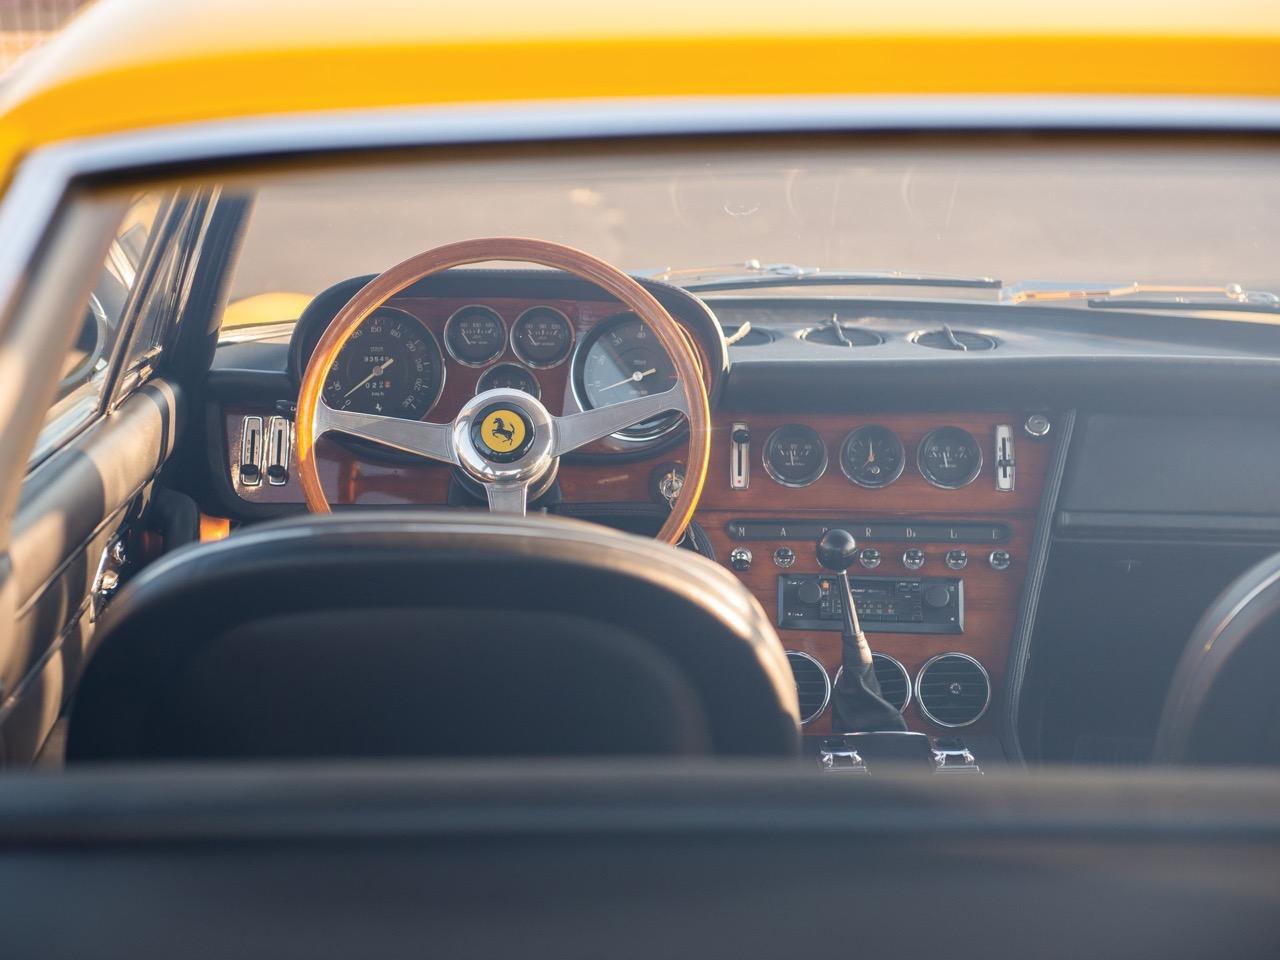 '68 Ferrari 365 GT 2+2 - Le charme des familiales ! 40